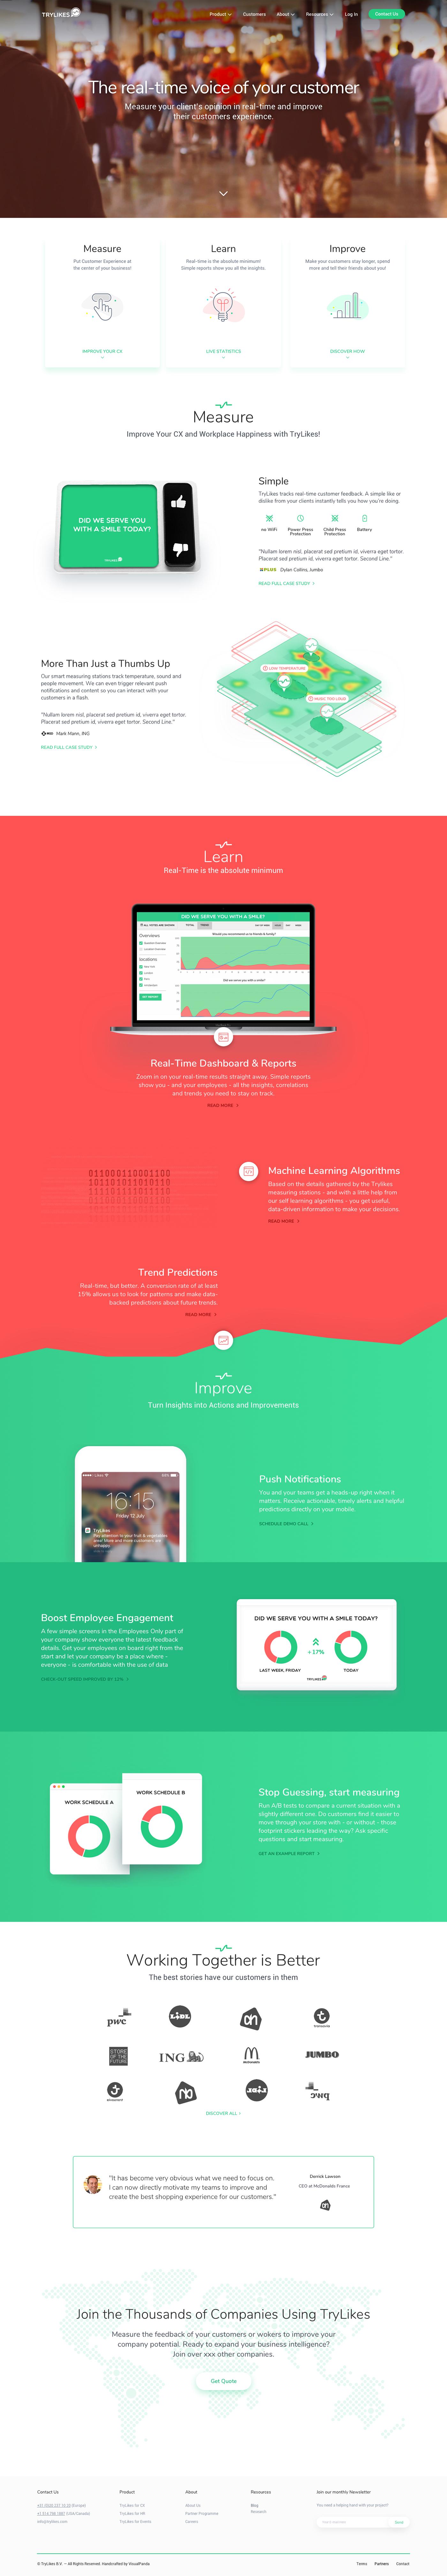 Web design Webdesign landing landingpage UI desktop page